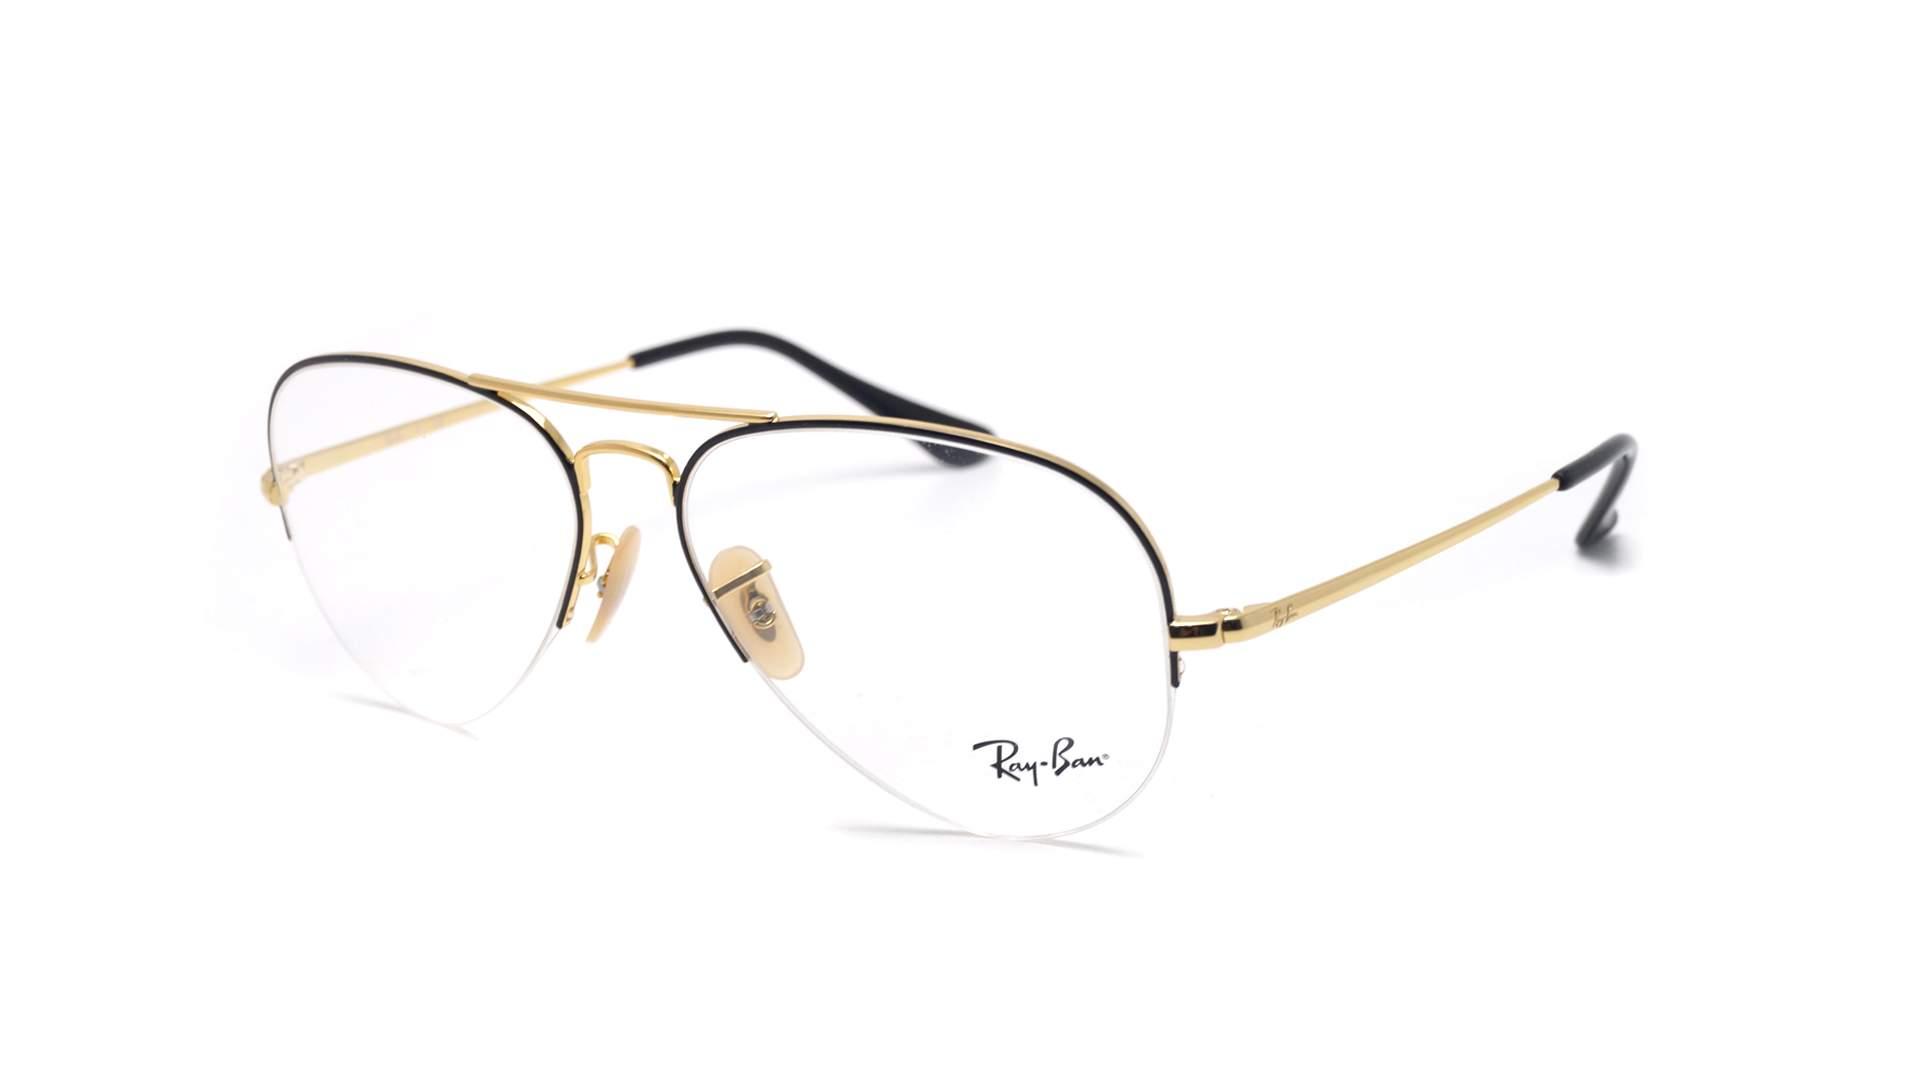 1afc8ddbfad8 Eyeglasses Ray-Ban Aviator Gaze Black RX6589 RB6589 2946 56-15 Medium